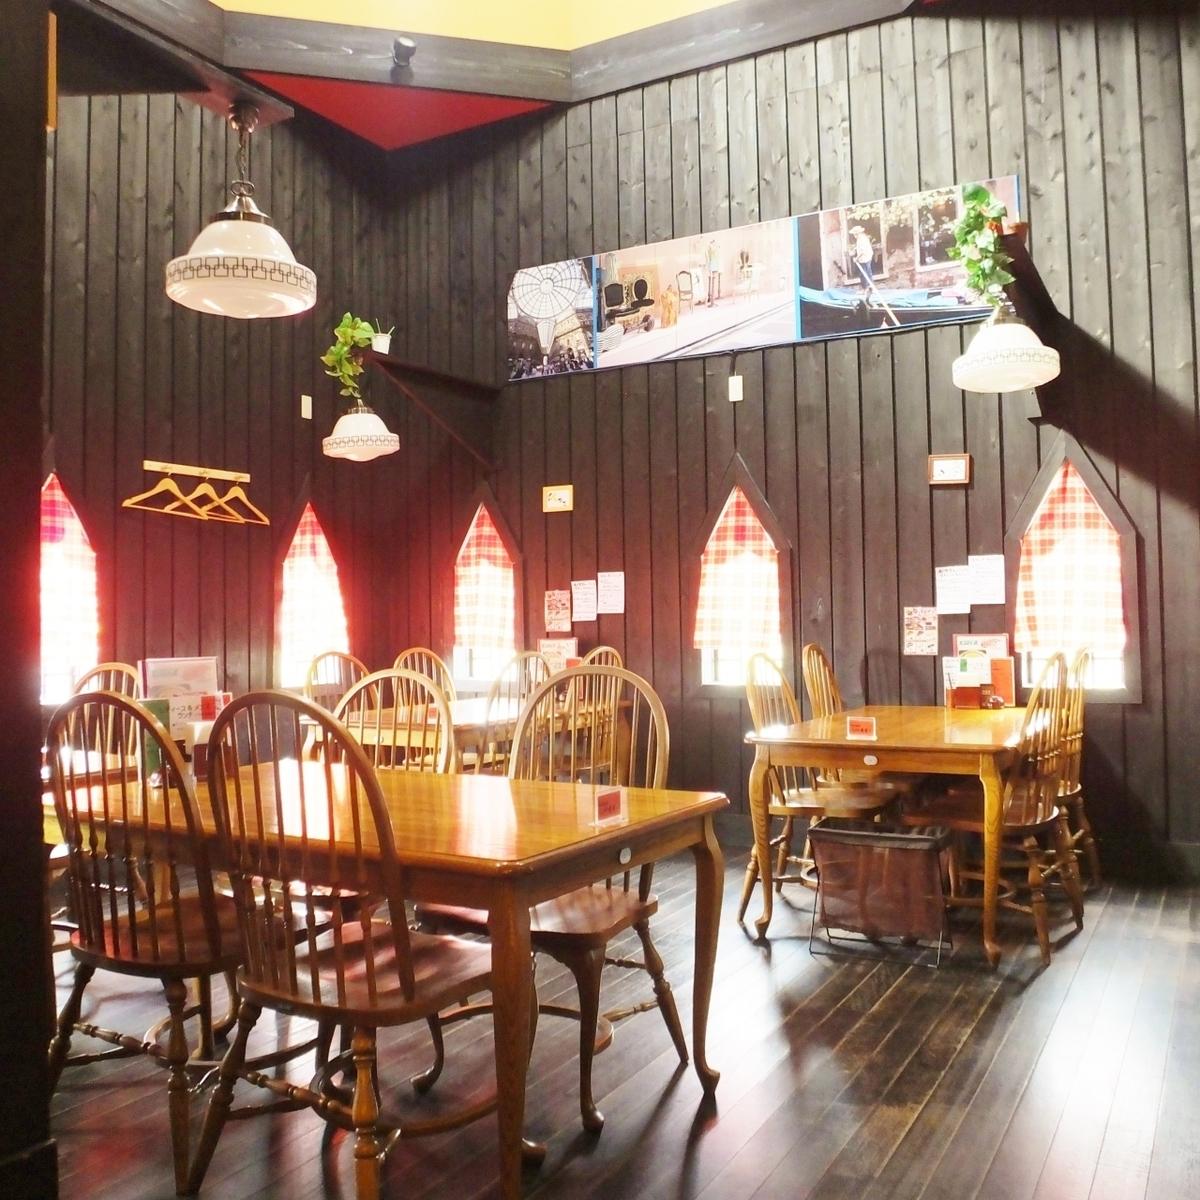 お客様のご利用シーンやご人数に合わせて最適なお席をご用意。少し多めの人数でパーティーやご宴会をご利用の際は、ボックス式になっているフロアへご案内致します!